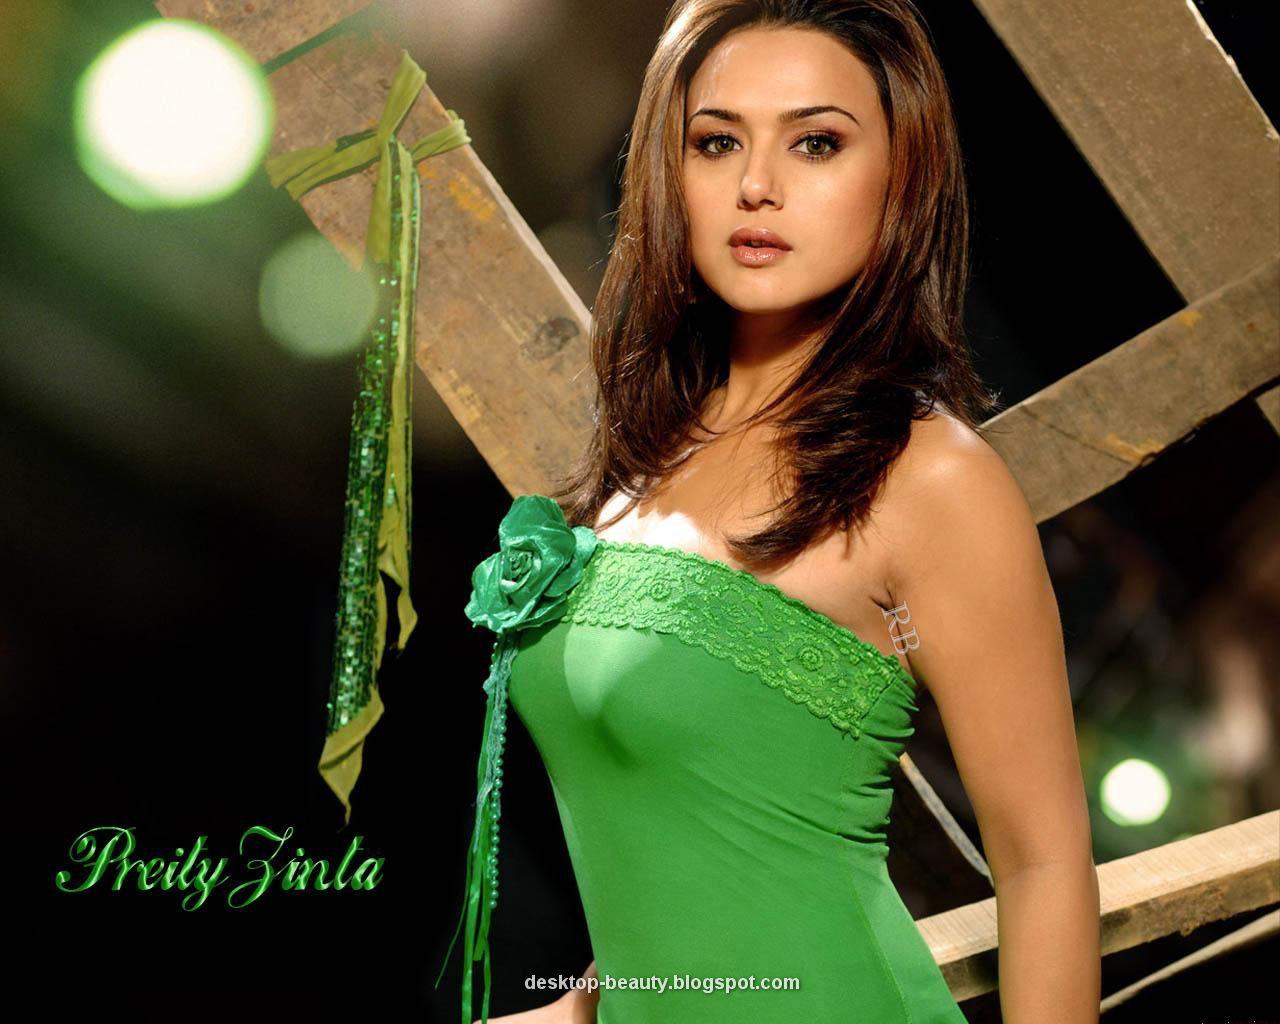 preity zinta hot photo - photo #35